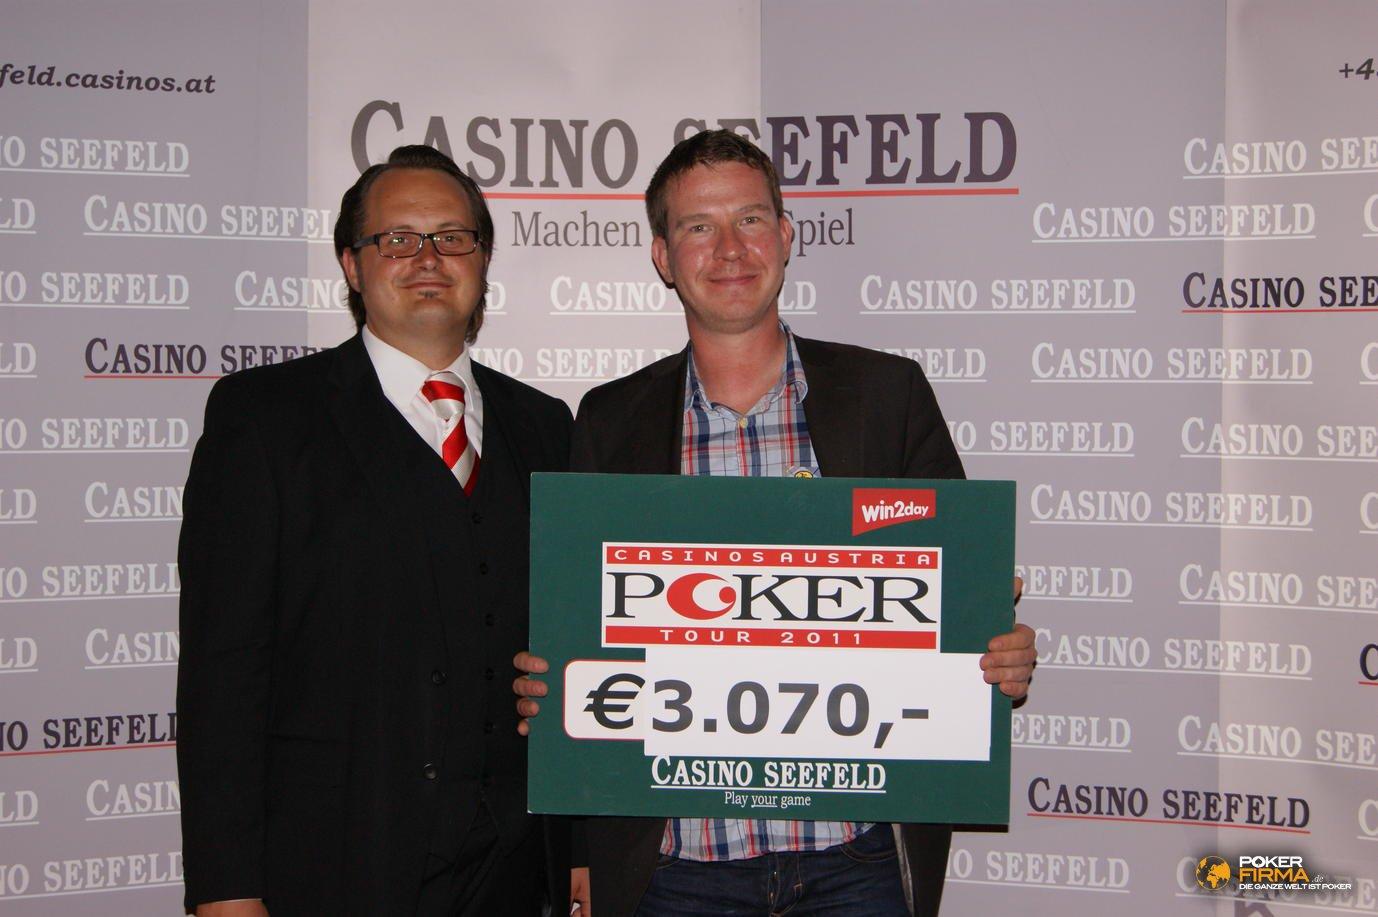 Mountain_Poker_Party_250_NLH_FT_051011_Istvan Cocron